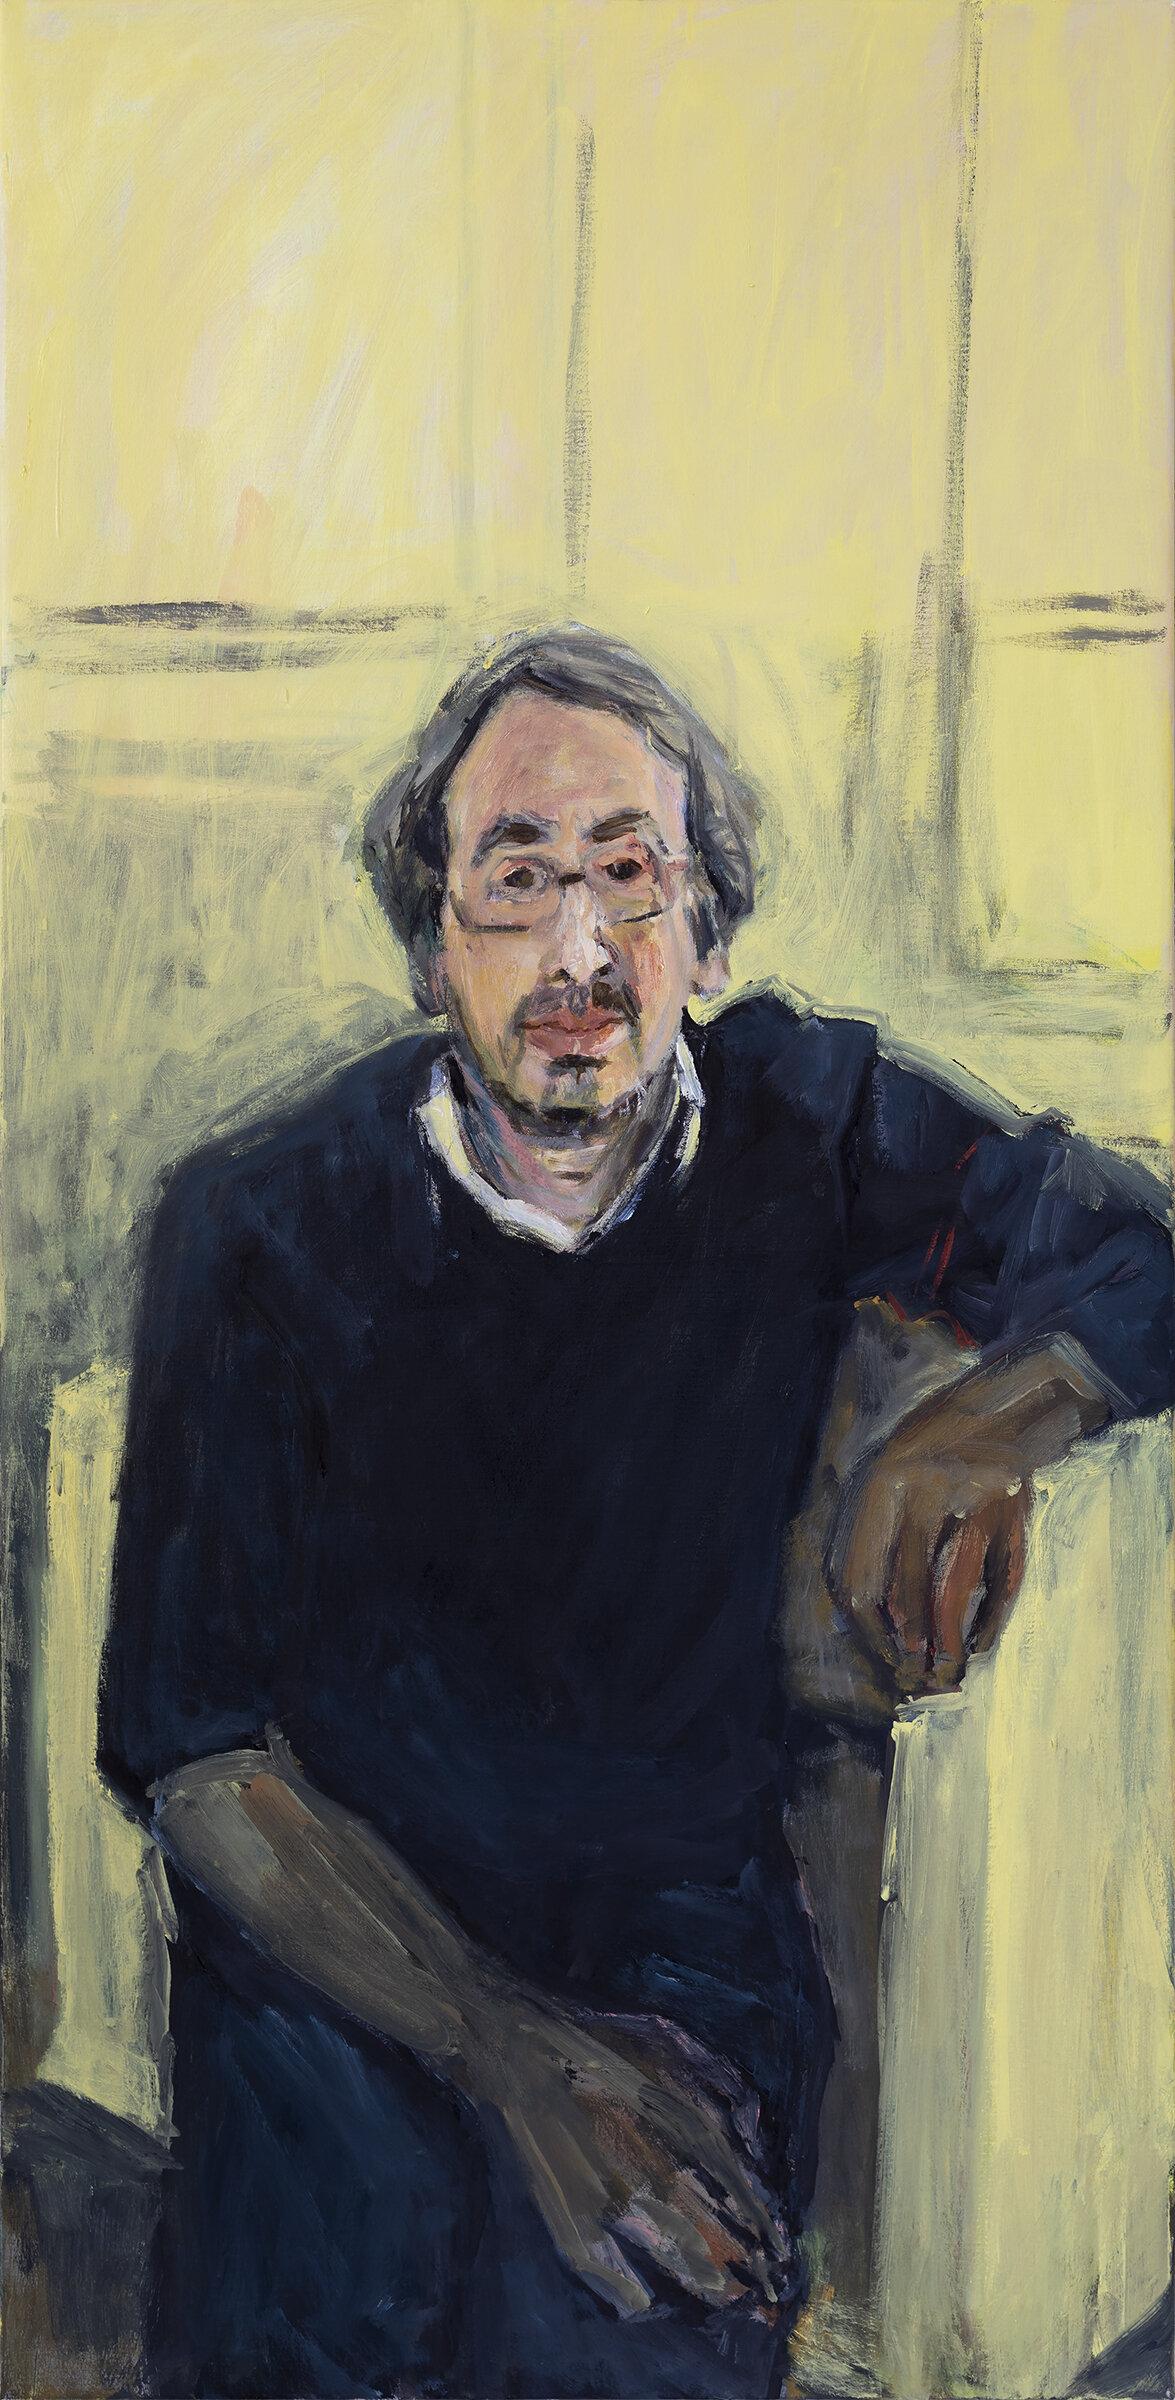 Posthumous Portrait - David